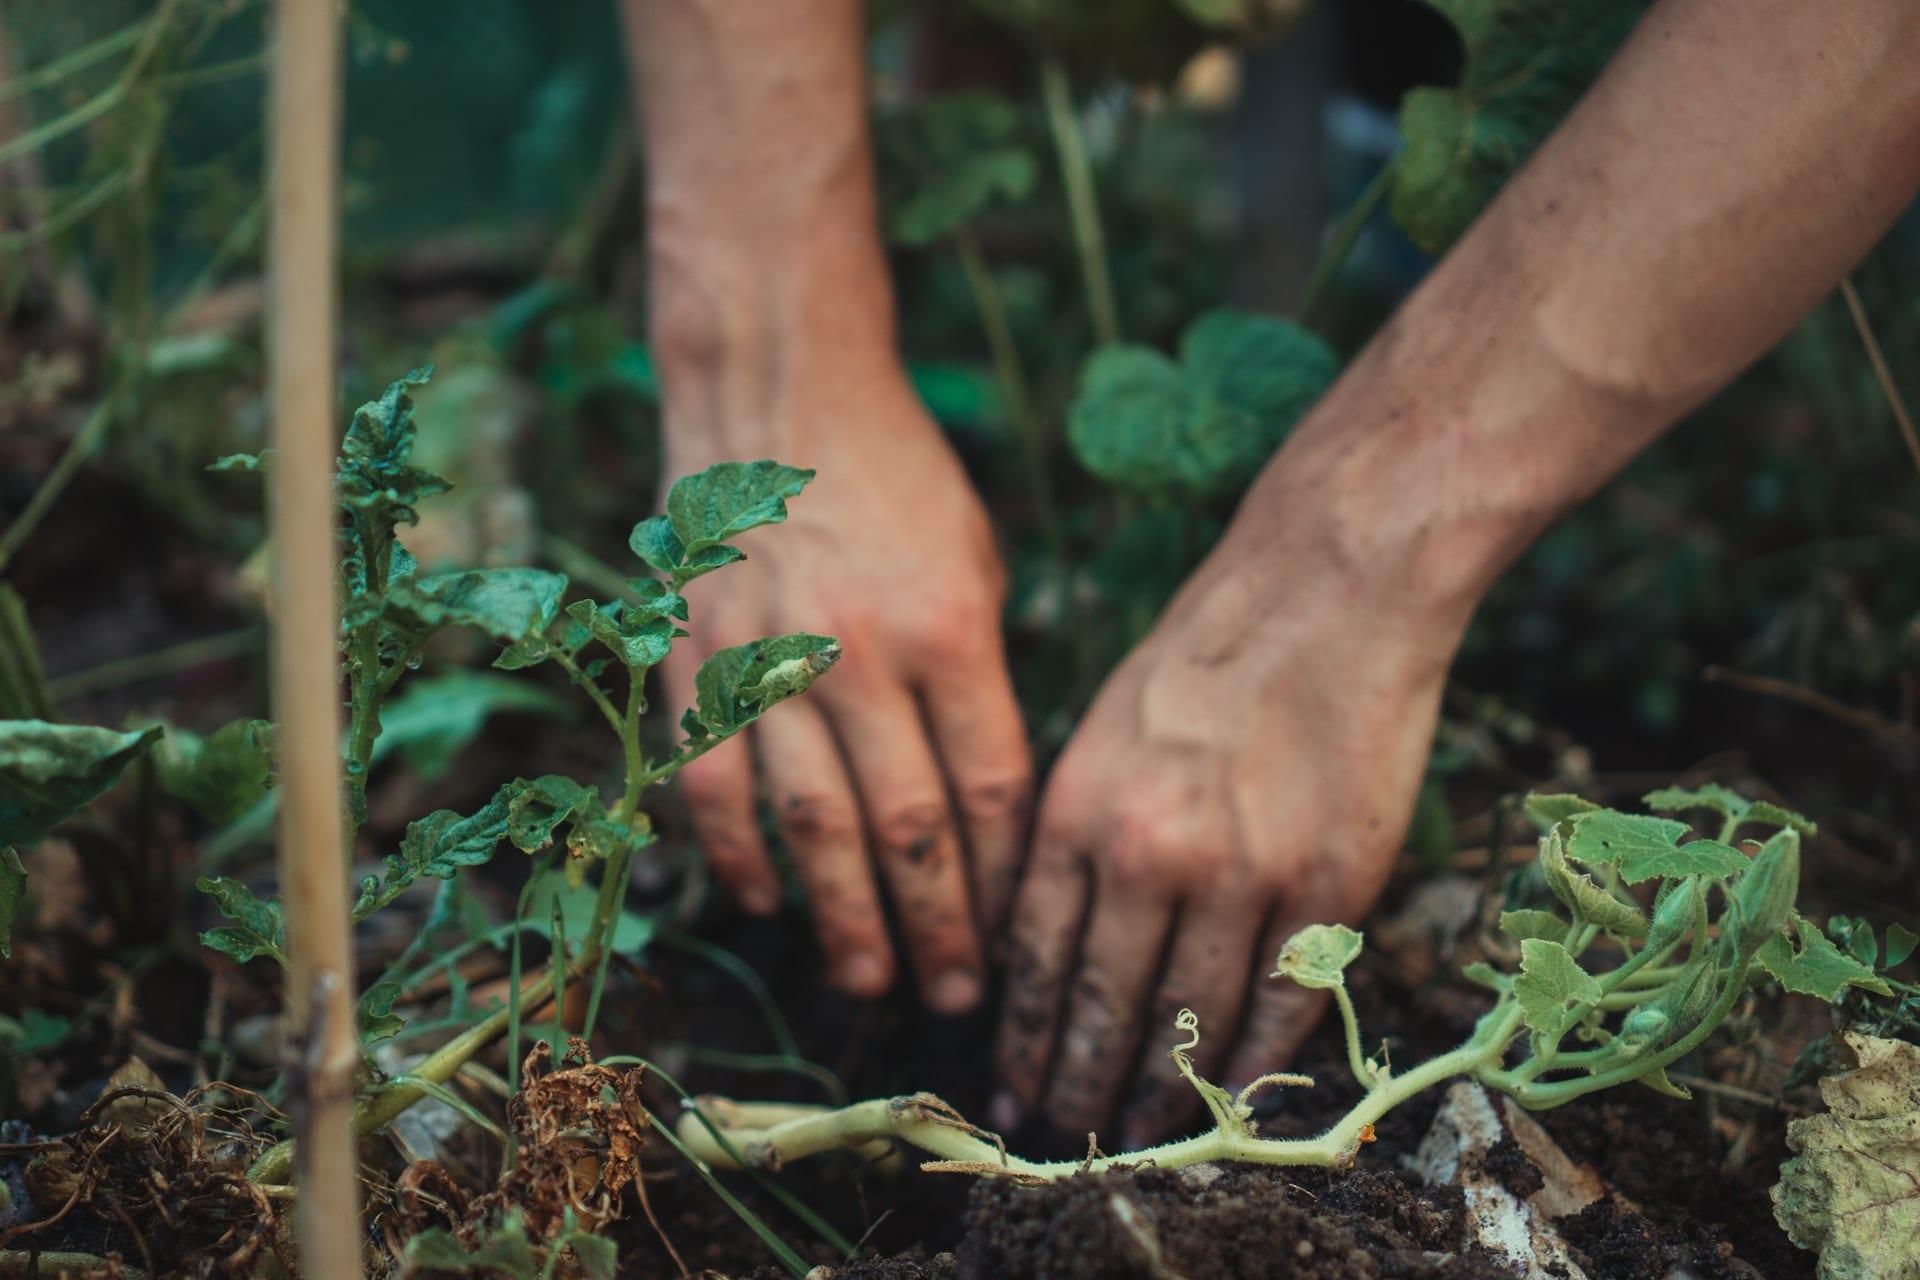 Hands in soil planting vegetables